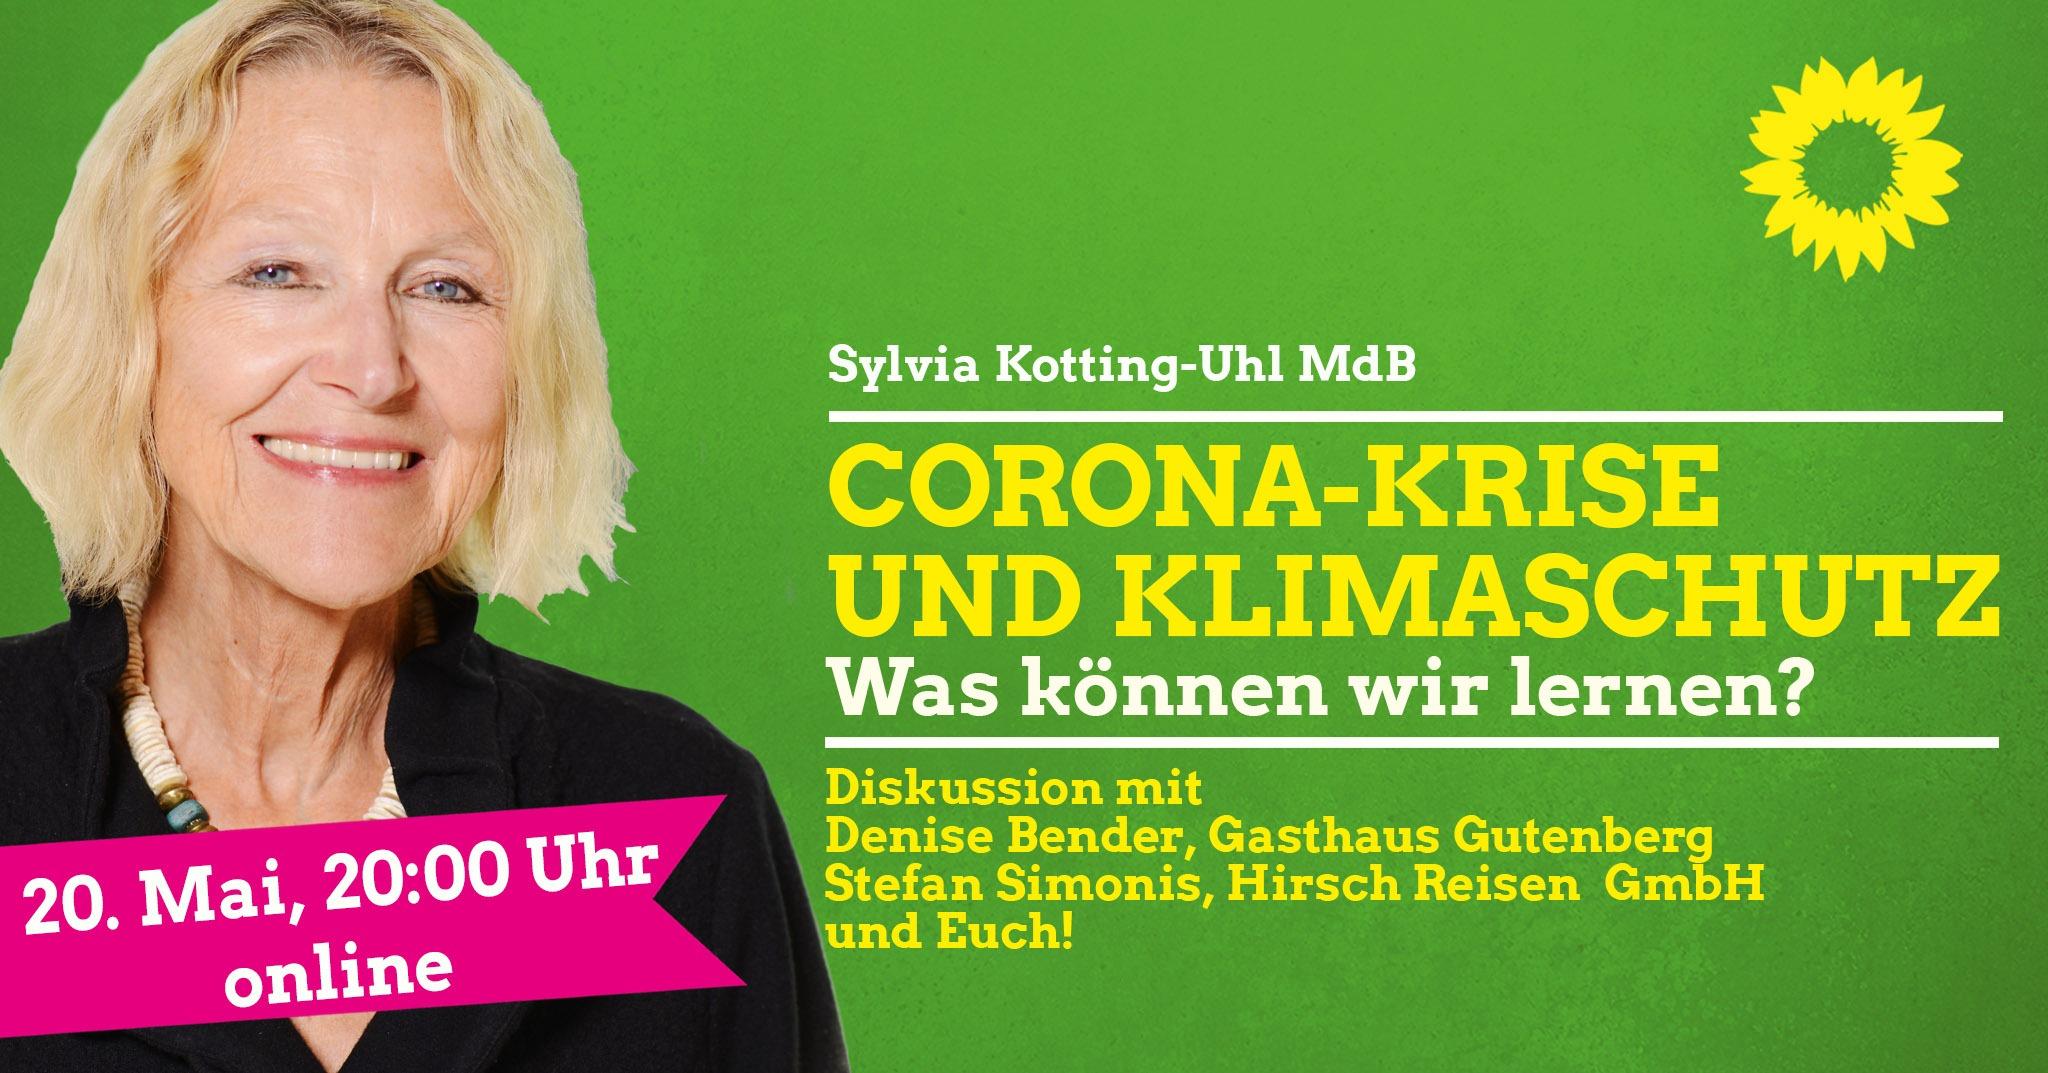 """Webinar mit Sylvia Kotting-Uhl MdB """"Corona-Krise und Klimaschutz: Was können wir lernen?"""""""